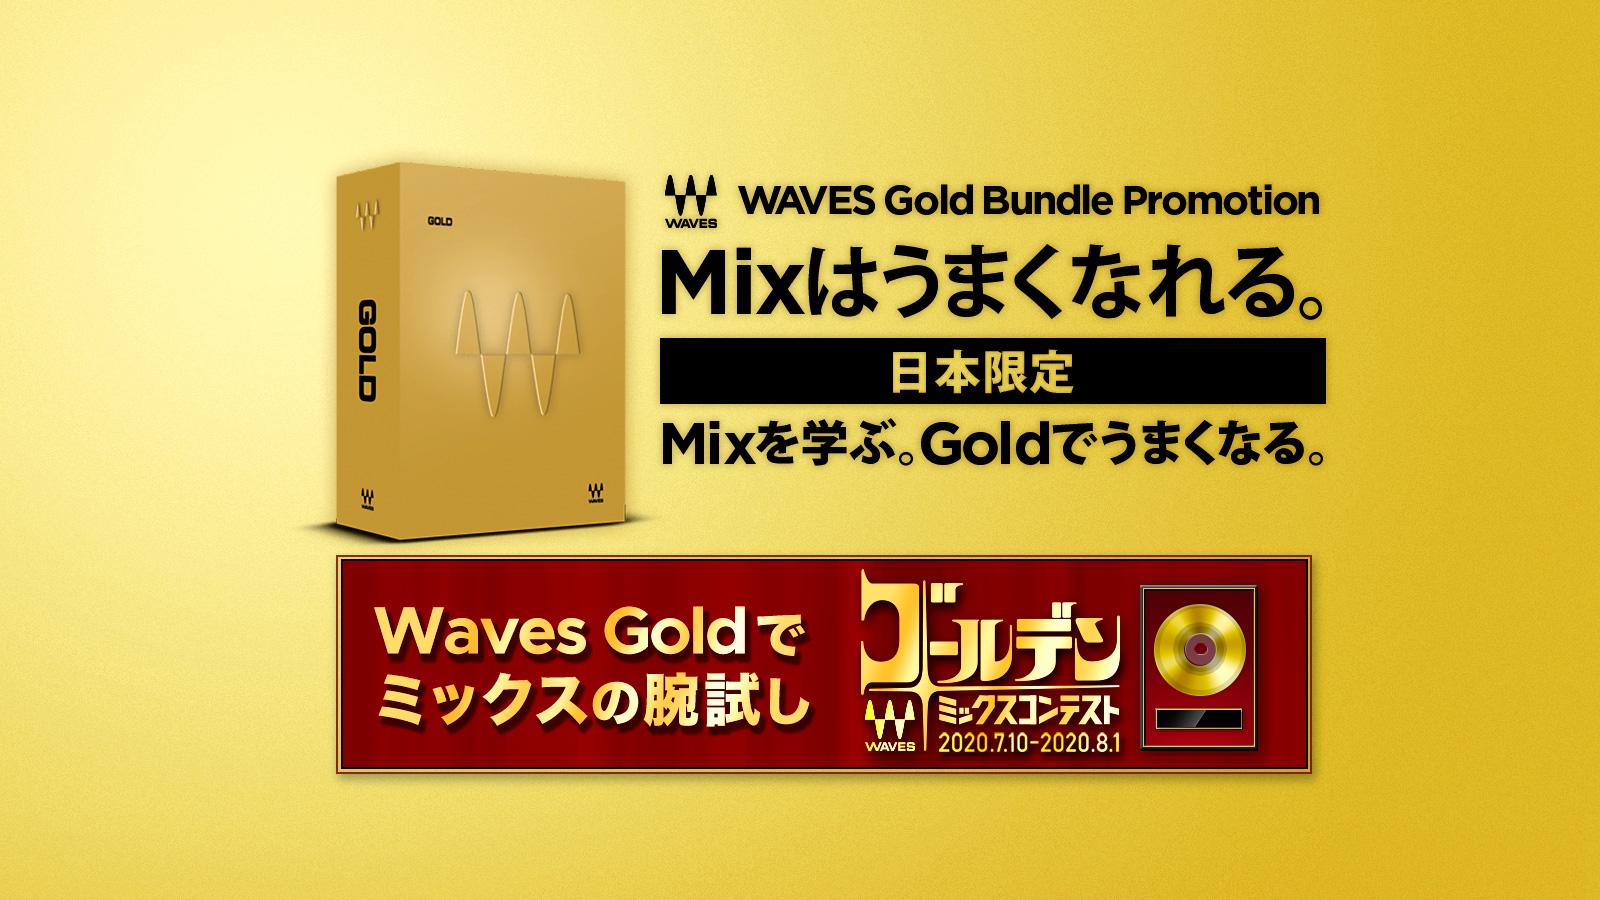 ミックス・コンテストも開催!Mixはうまくなれる。日本限定 Waves Gold プロモーション